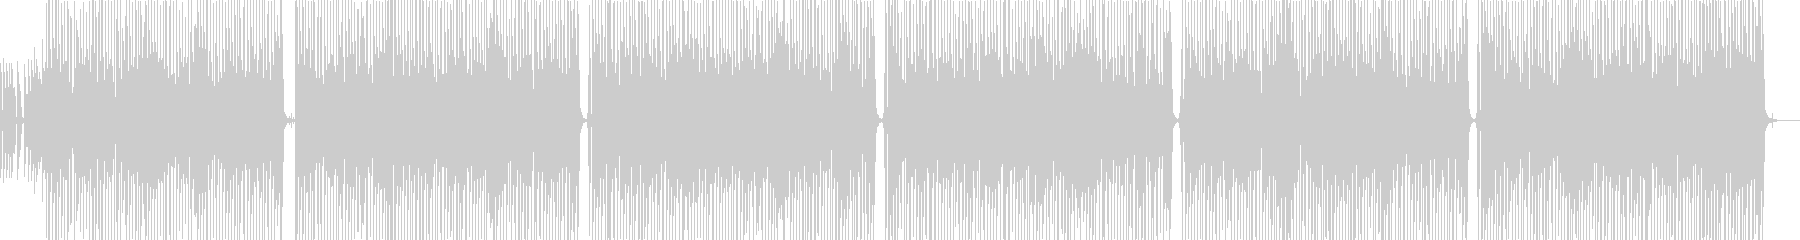 アップテンポのロックロール!200bpmの未再生の波形